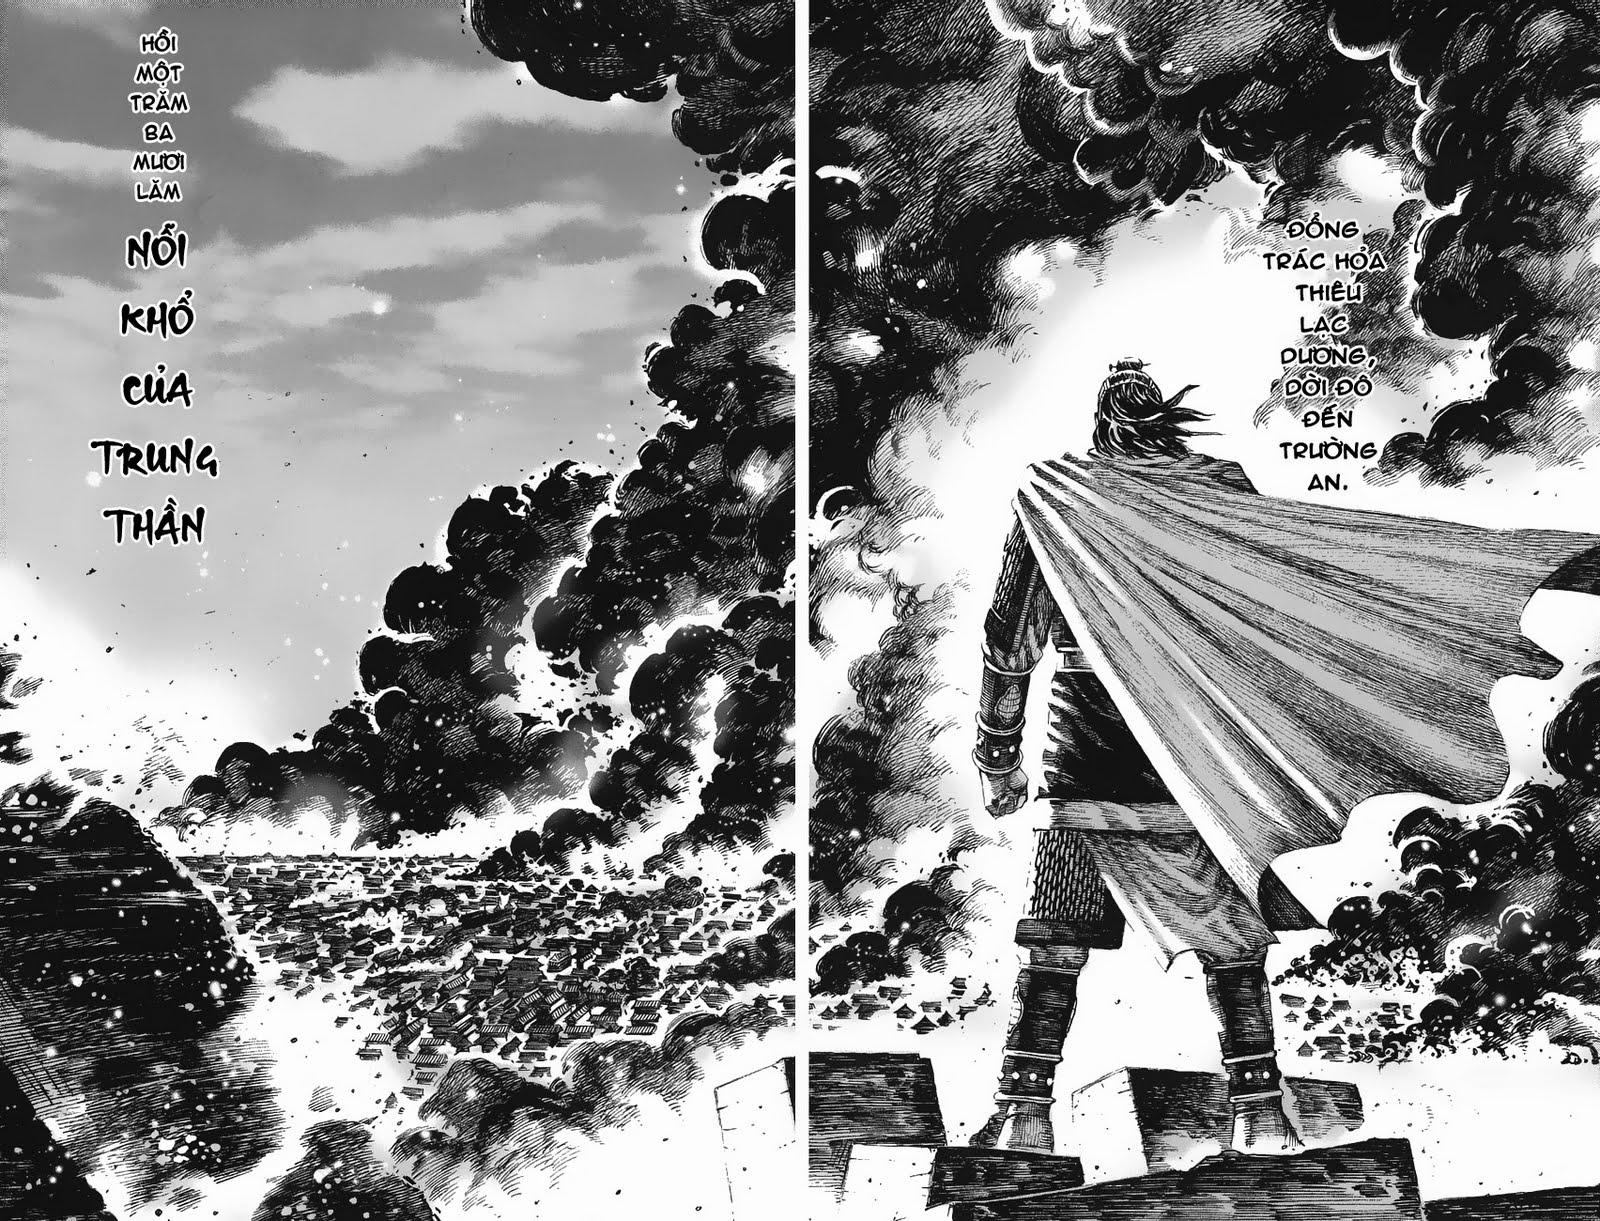 Hỏa Phụng Liêu Nguyên tập 135 - 5